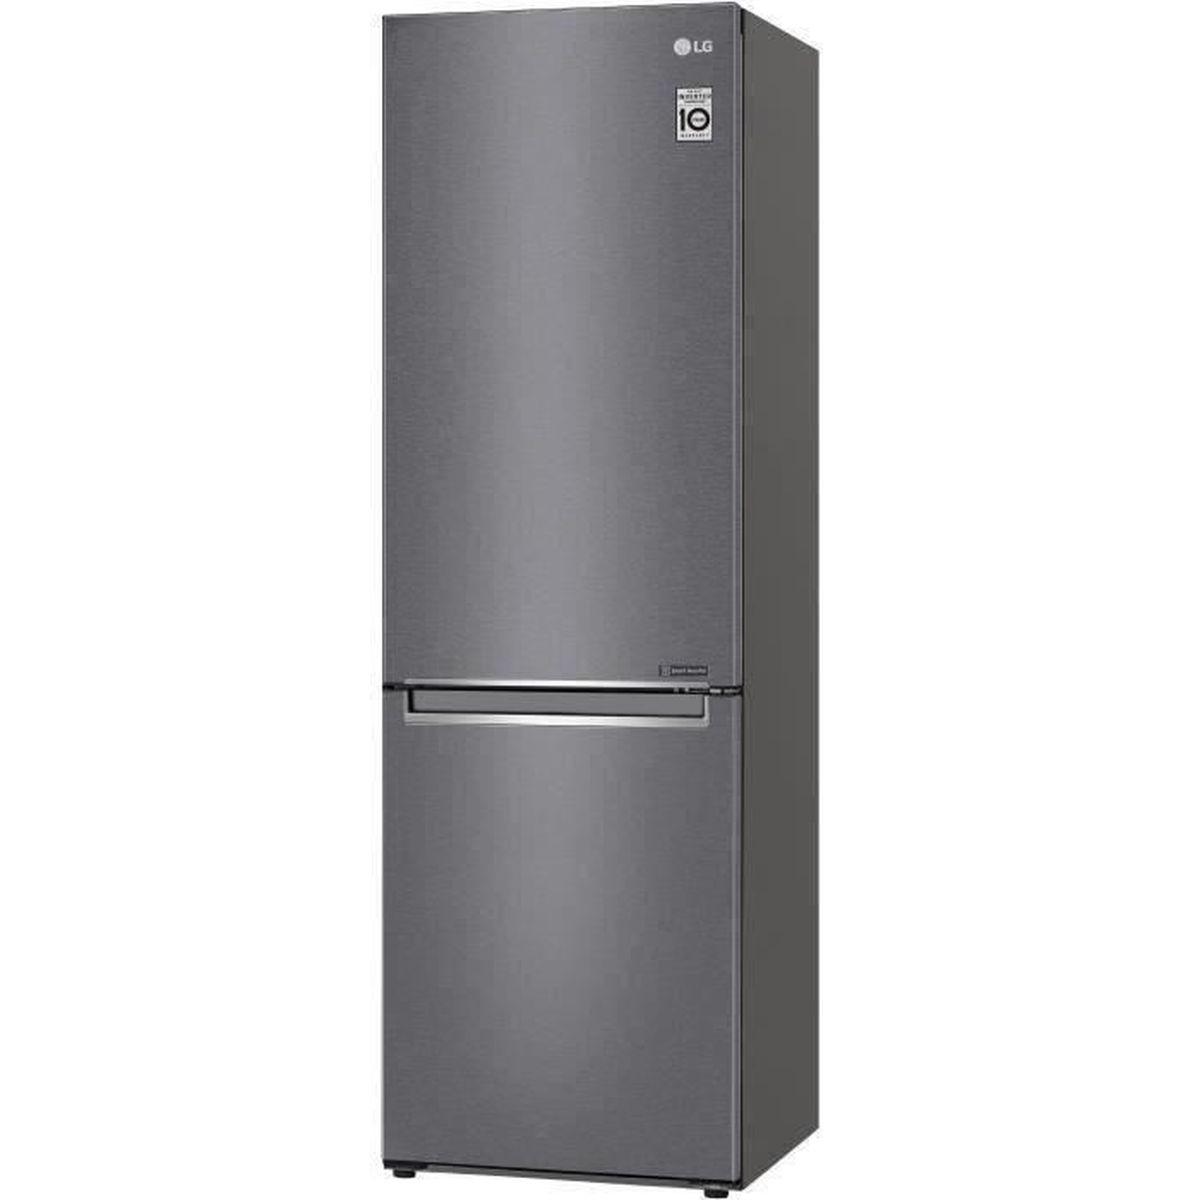 RÉFRIGÉRATEUR CLASSIQUE LG GBP30DSLZN - Réfrigérateur combiné - 341 L (234